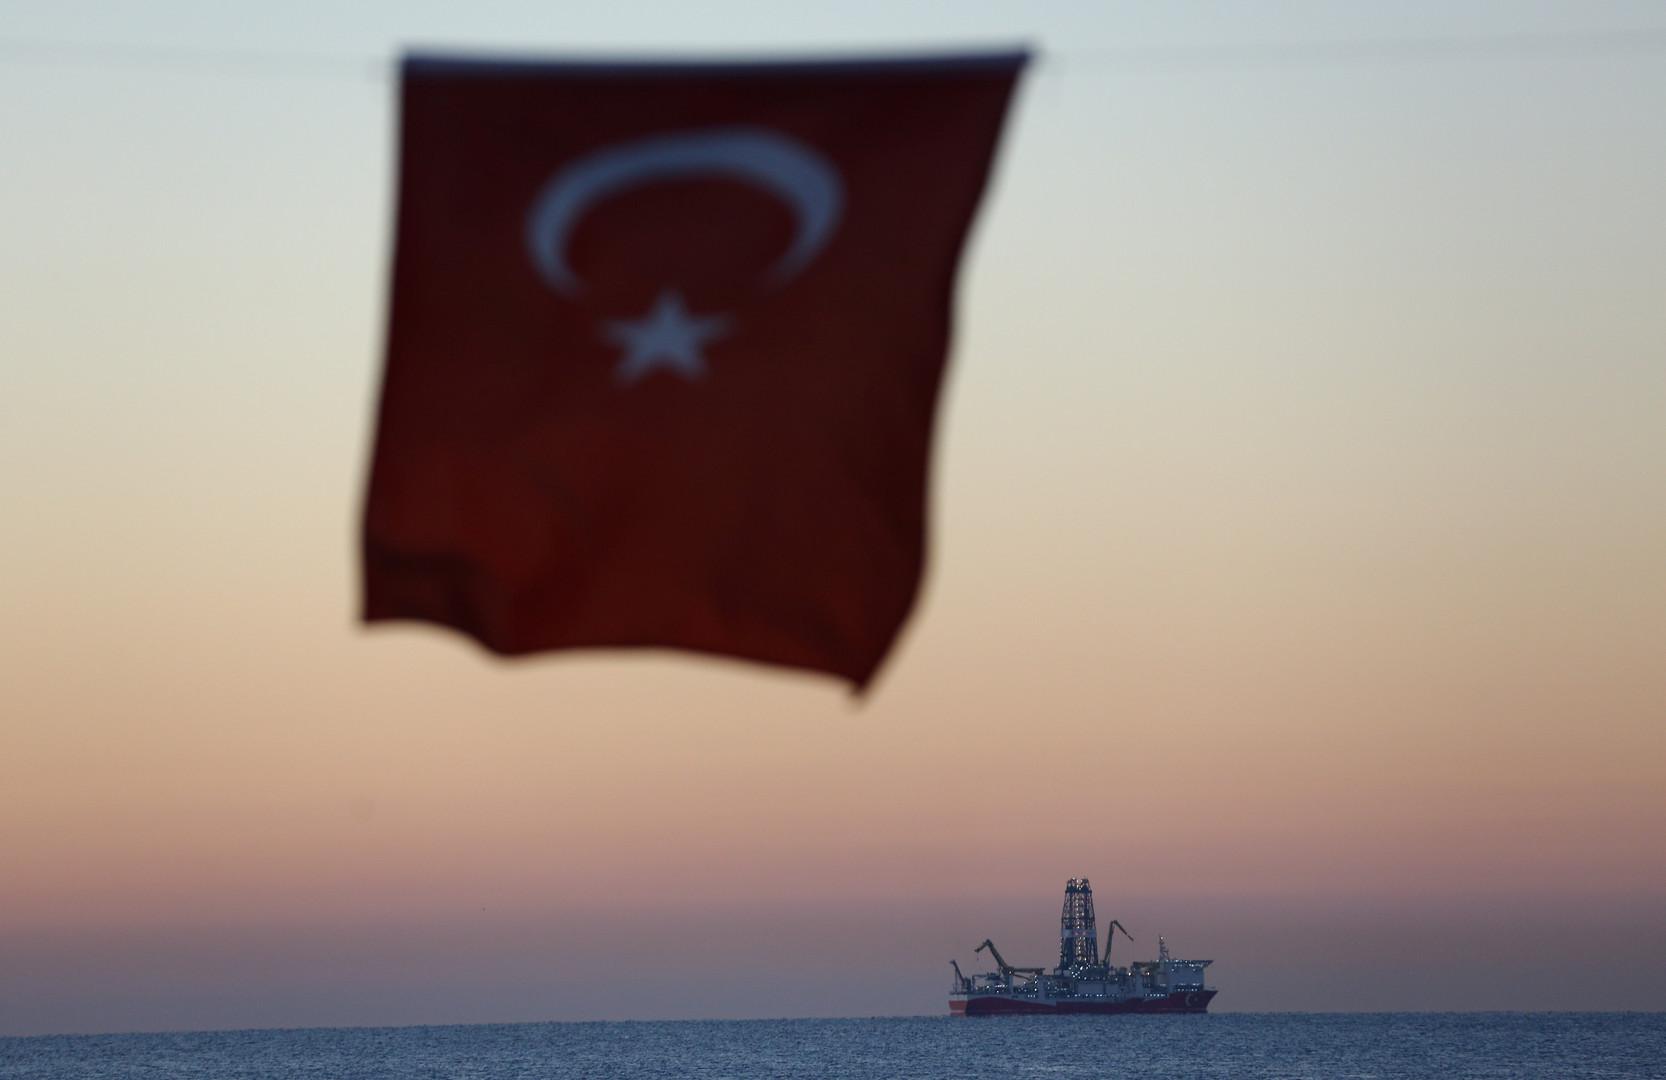 تركيا تعليقا على التوتر شرق المتوسط: ثمة أطراف لها حسابات قذرة وعليها التراجع عن جنونها